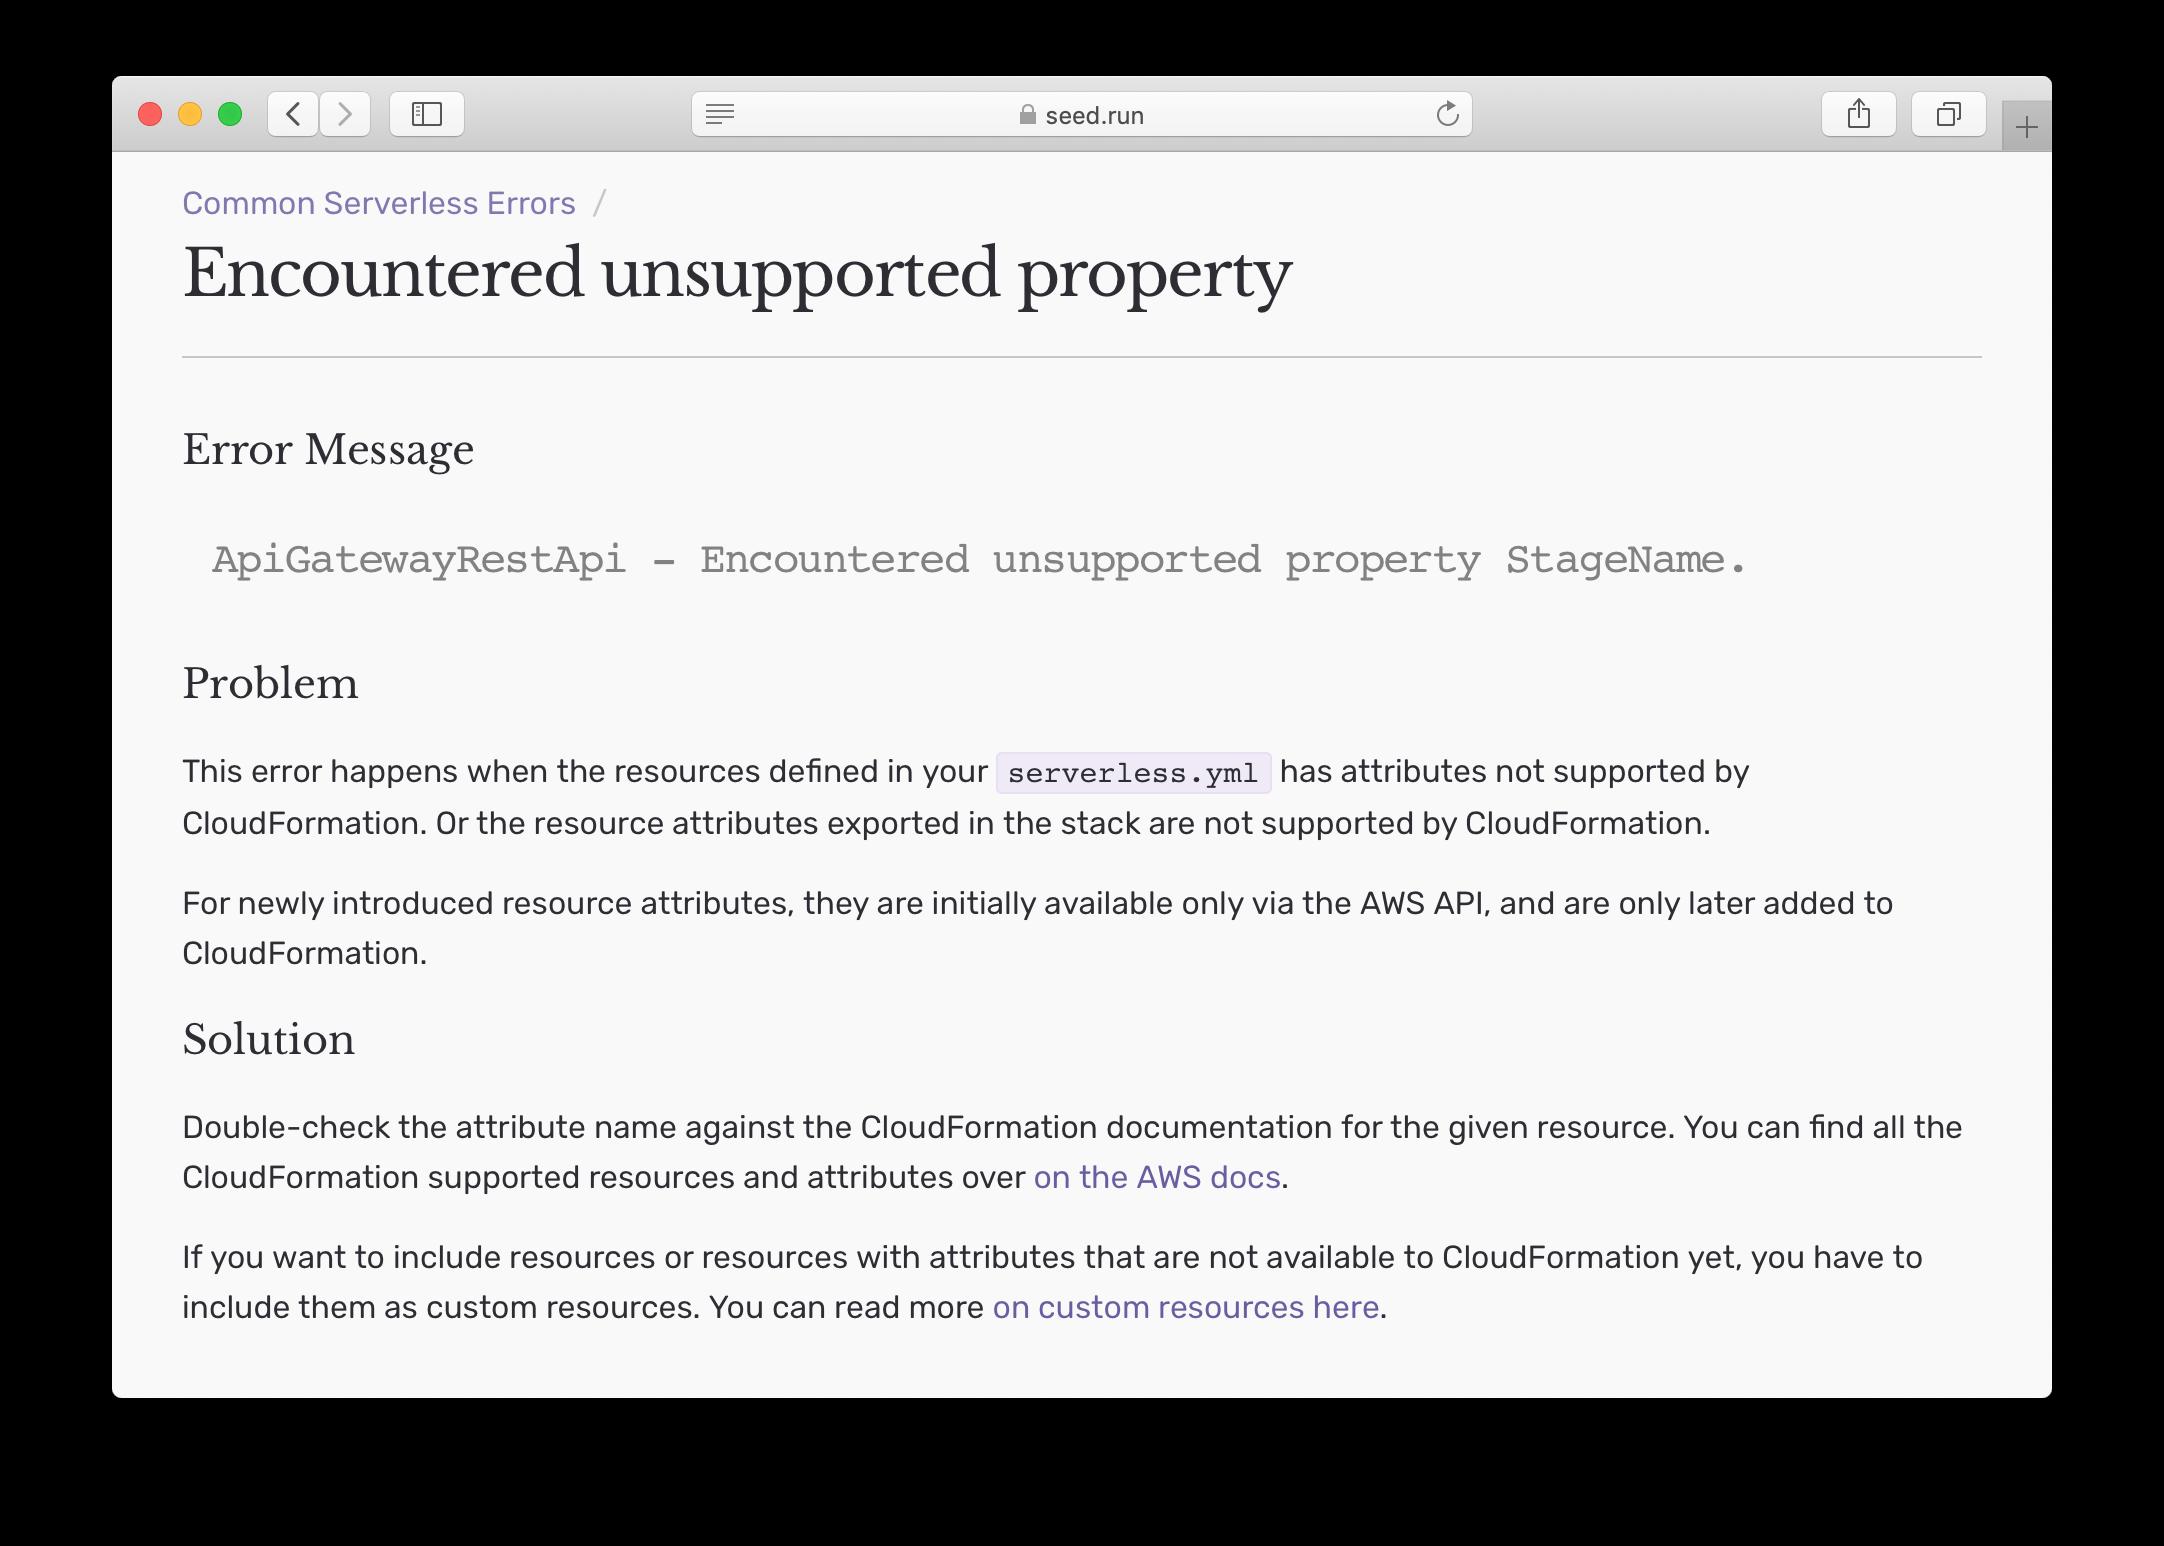 Common Serverless Errors doc screenshot